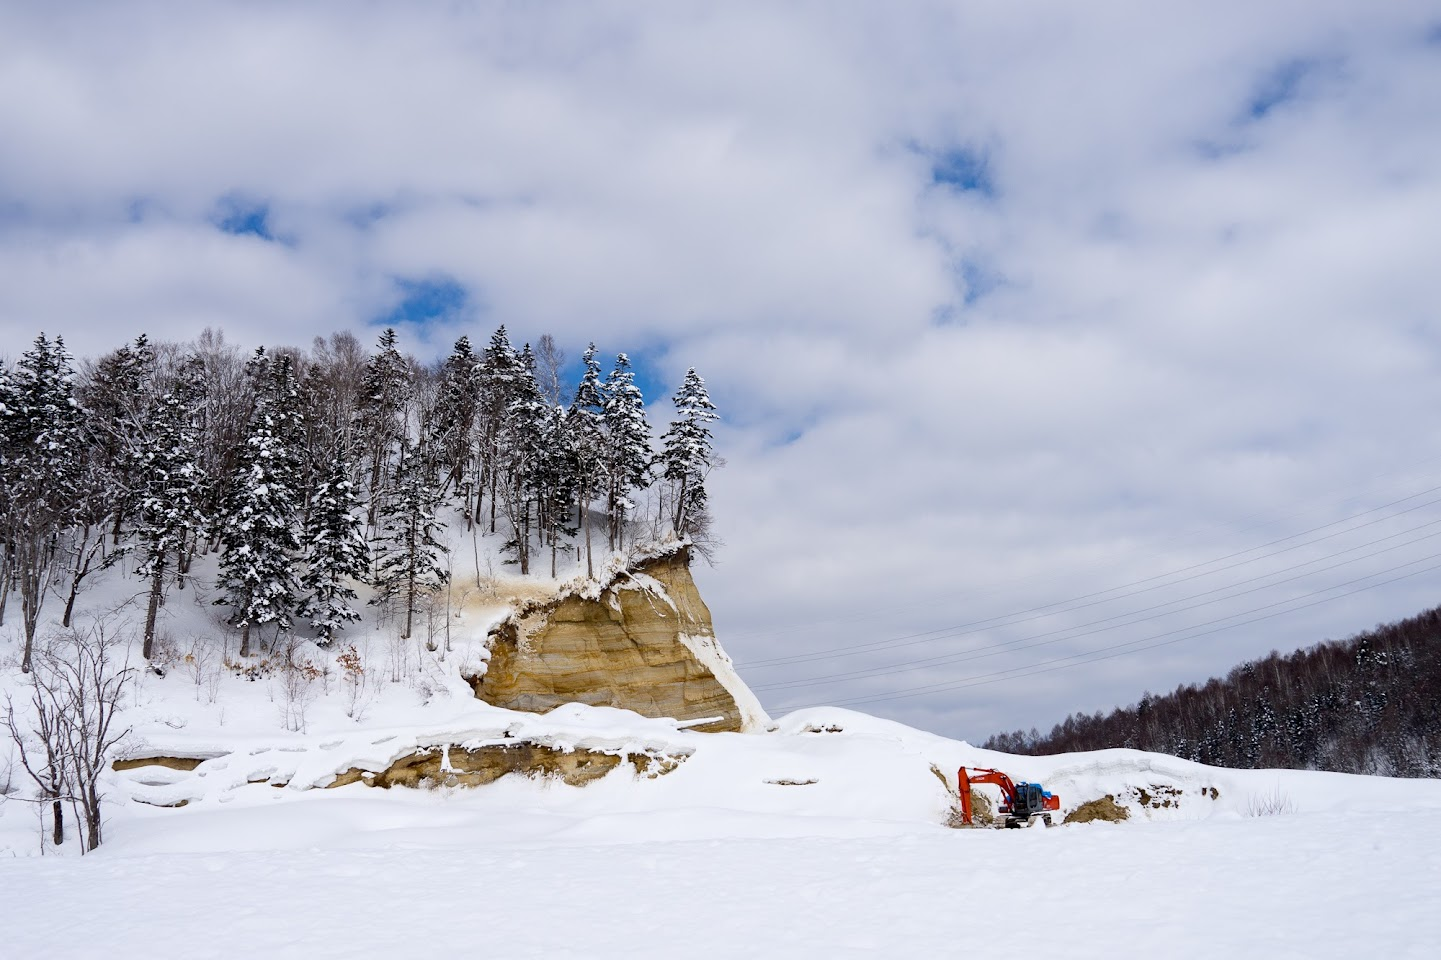 山を切り崩した山肌が浮かび上がる不思議な風景